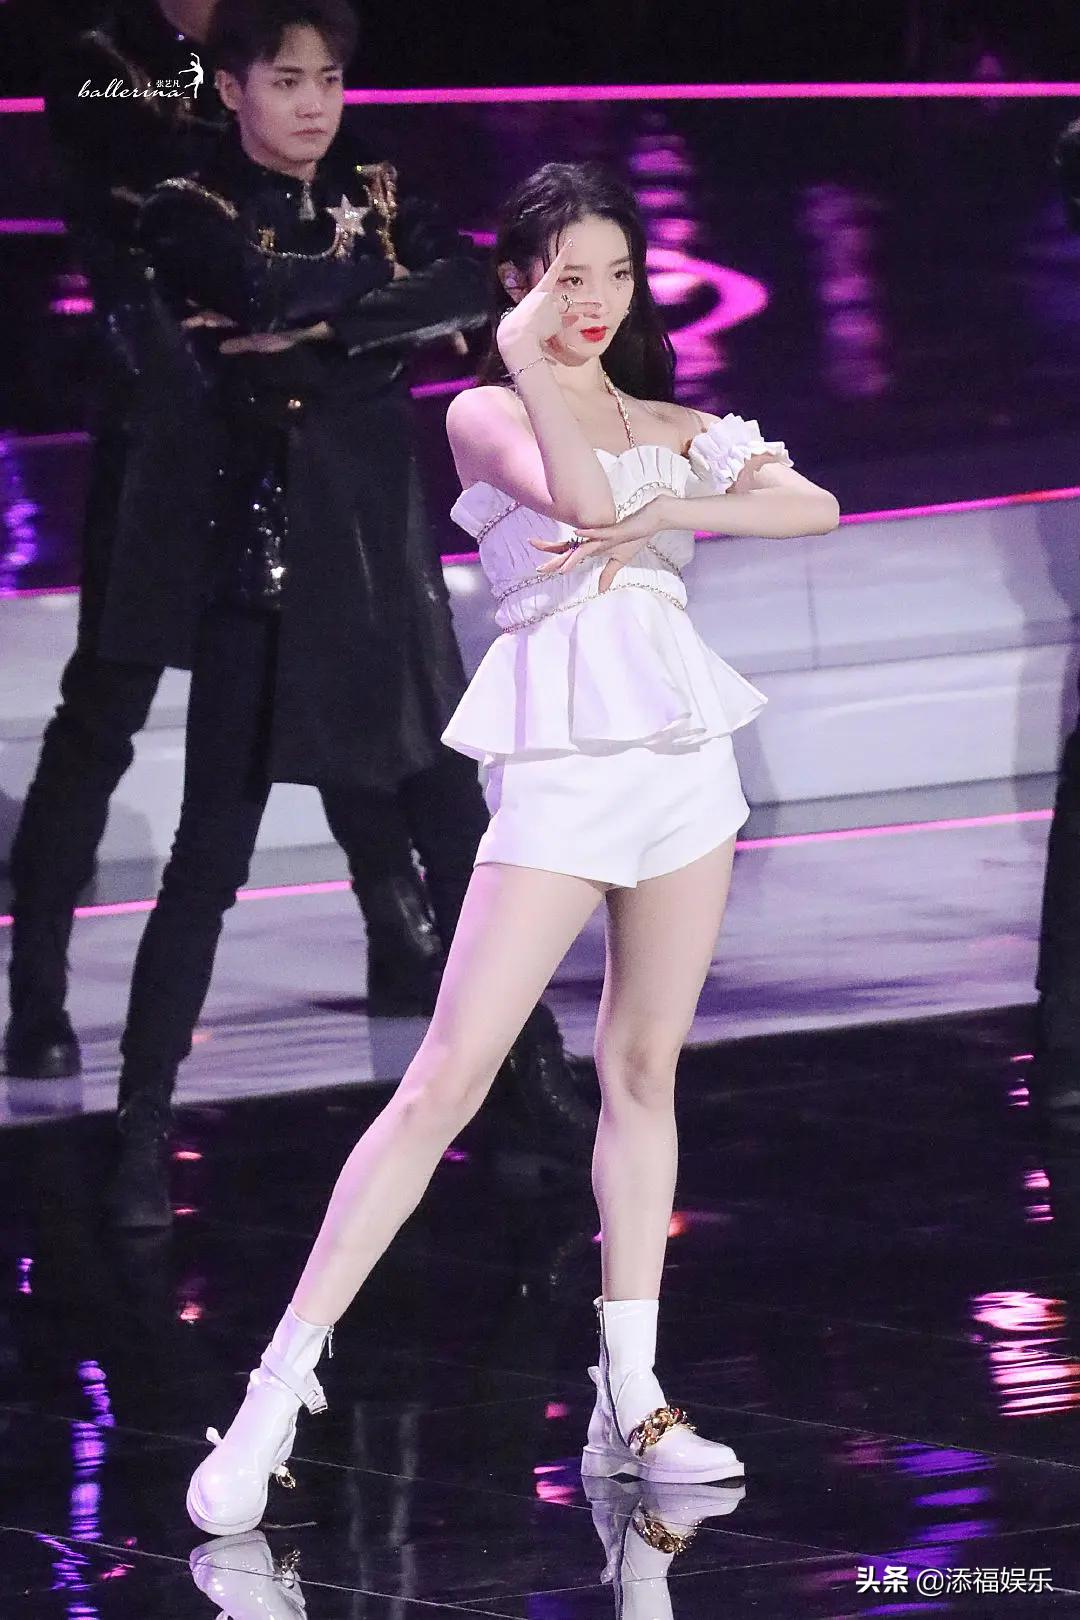 硬糖少女唱《兄弟啊想你啊》遭吐槽,张艺凡还遭遇舞台事故,坎坷